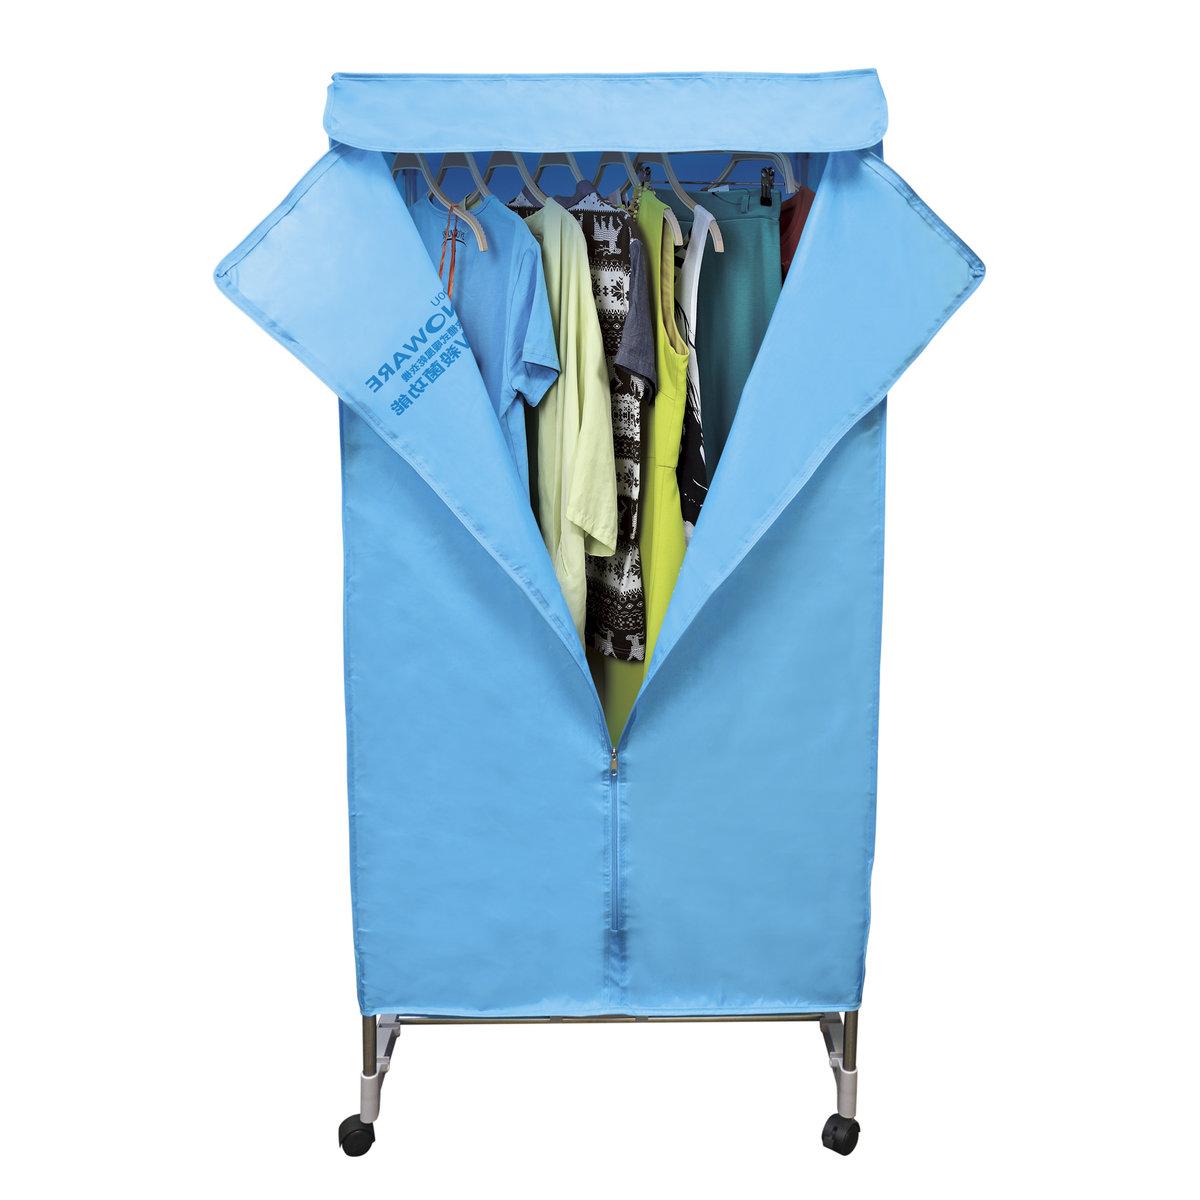 衣櫃式暖風乾衣機(帶UV功能) - CD1000U